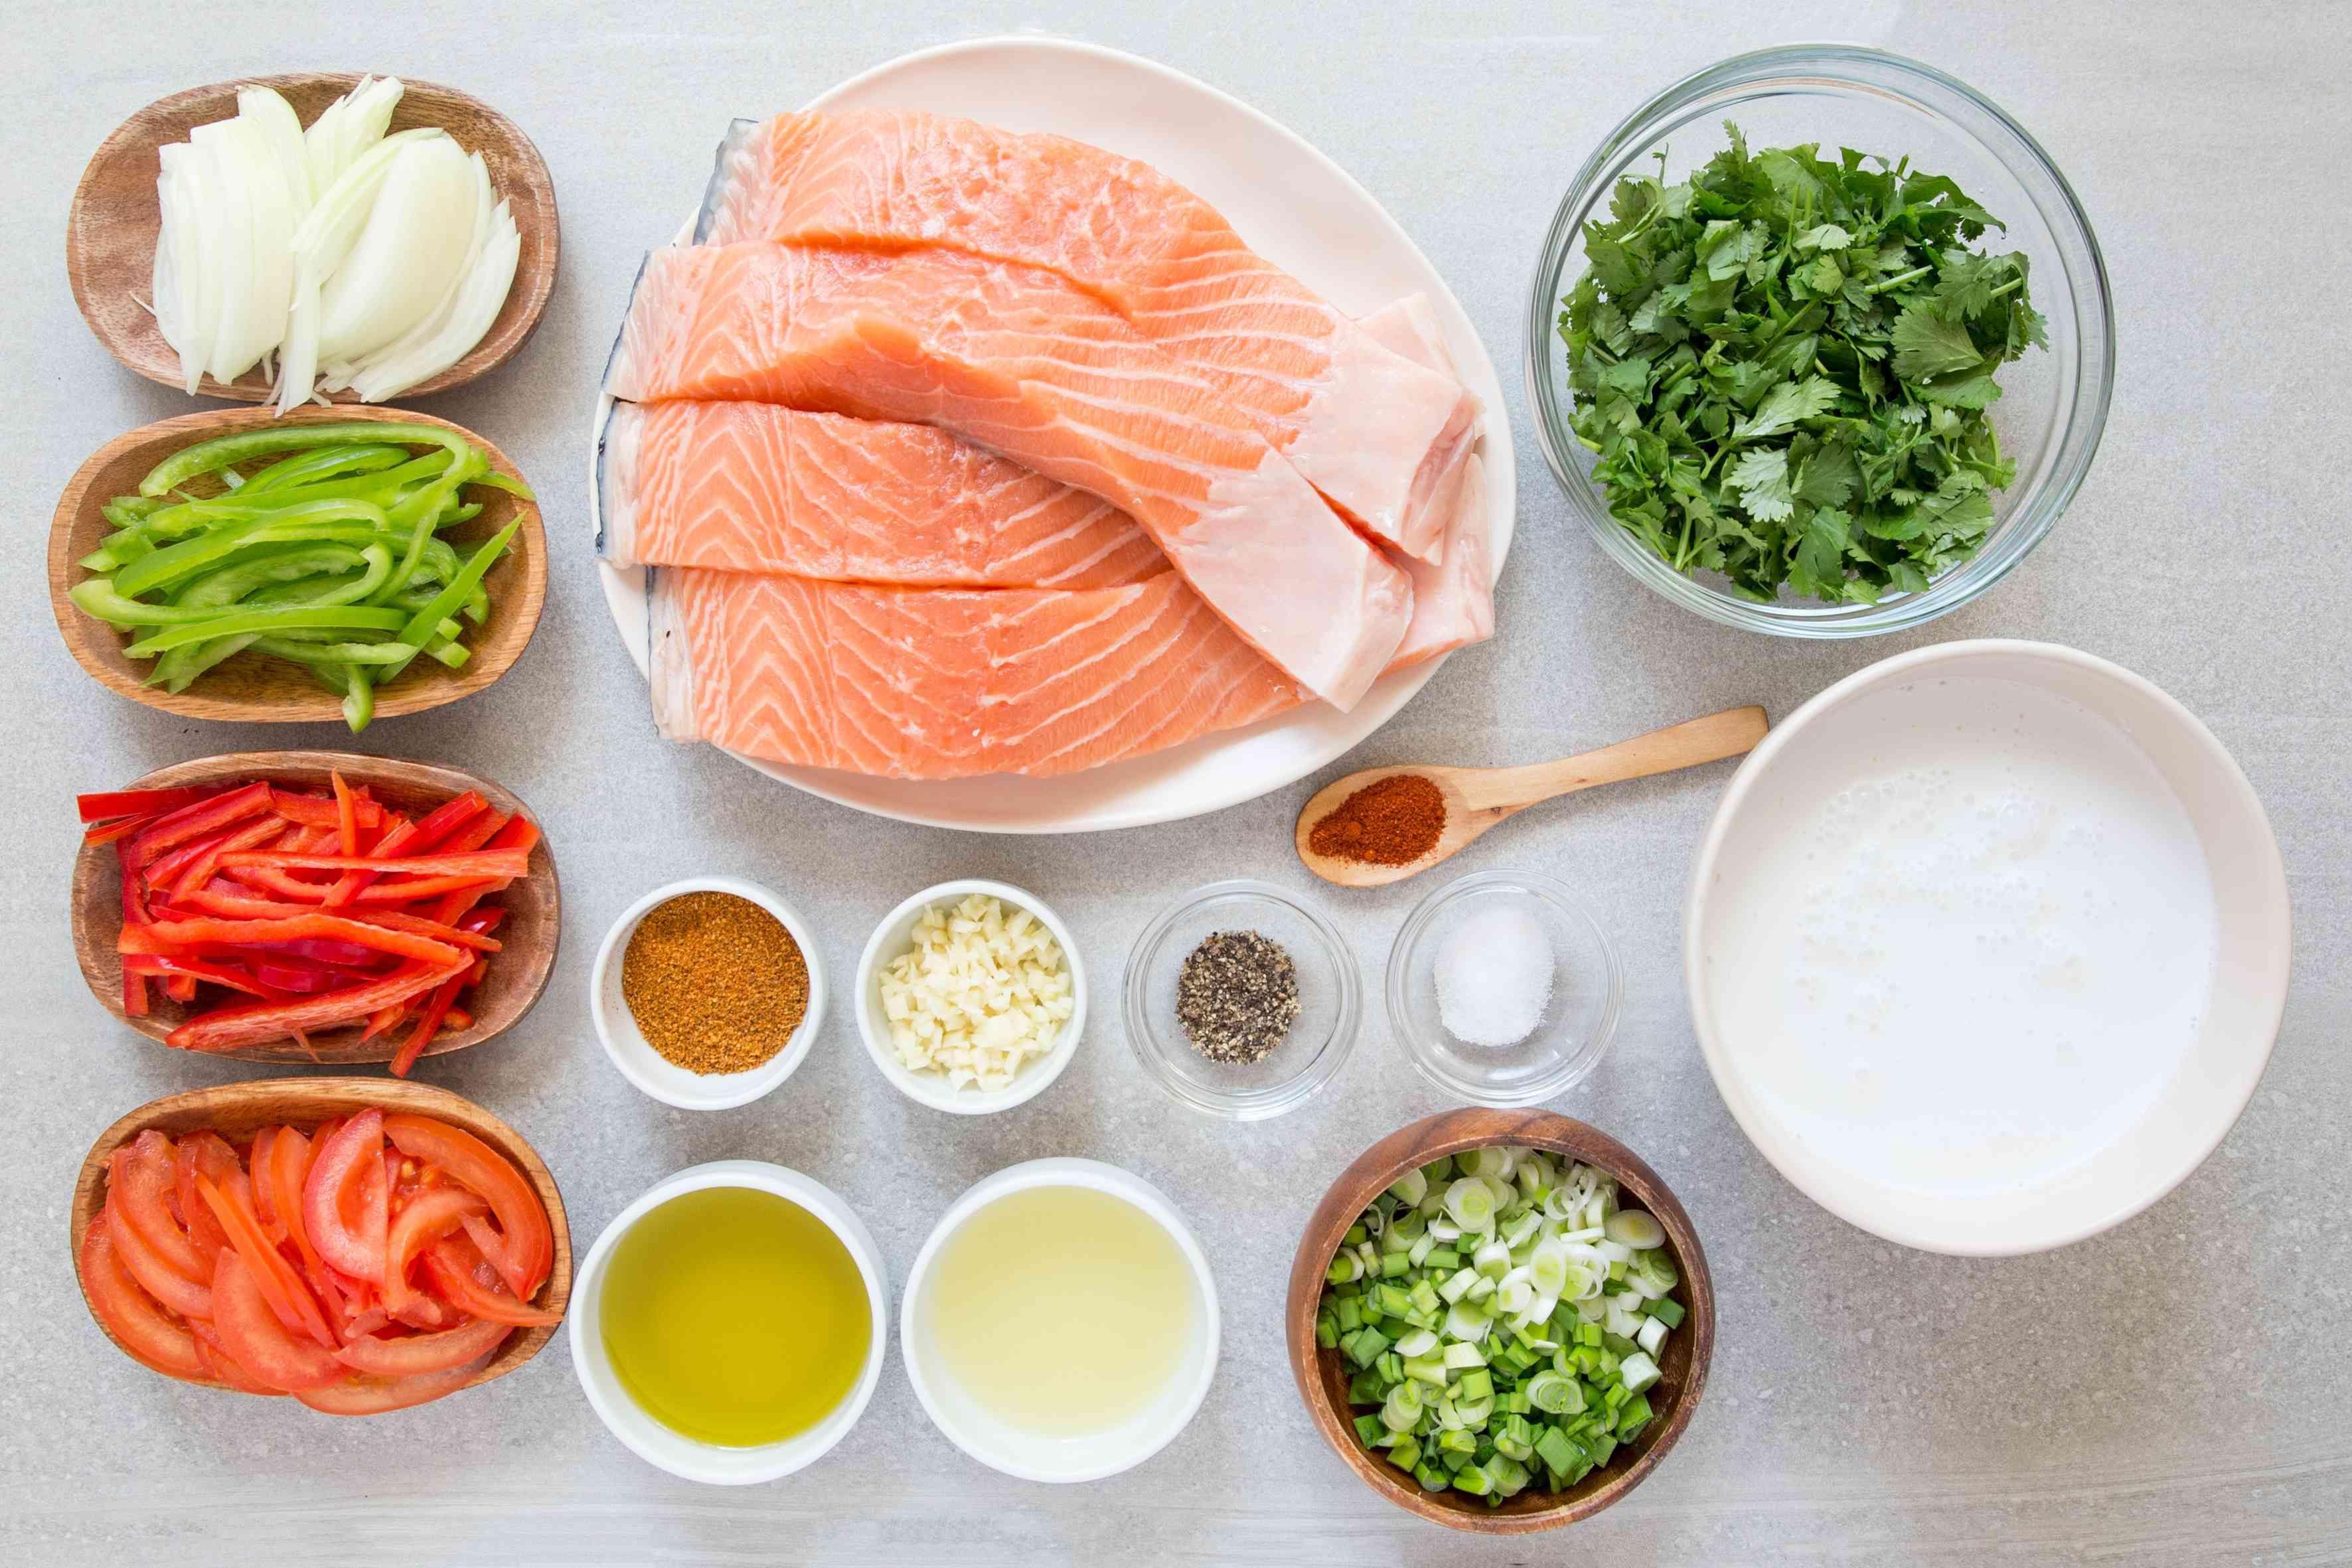 Brazilian Fish Stew (Moqueca de Peixe) ingredients